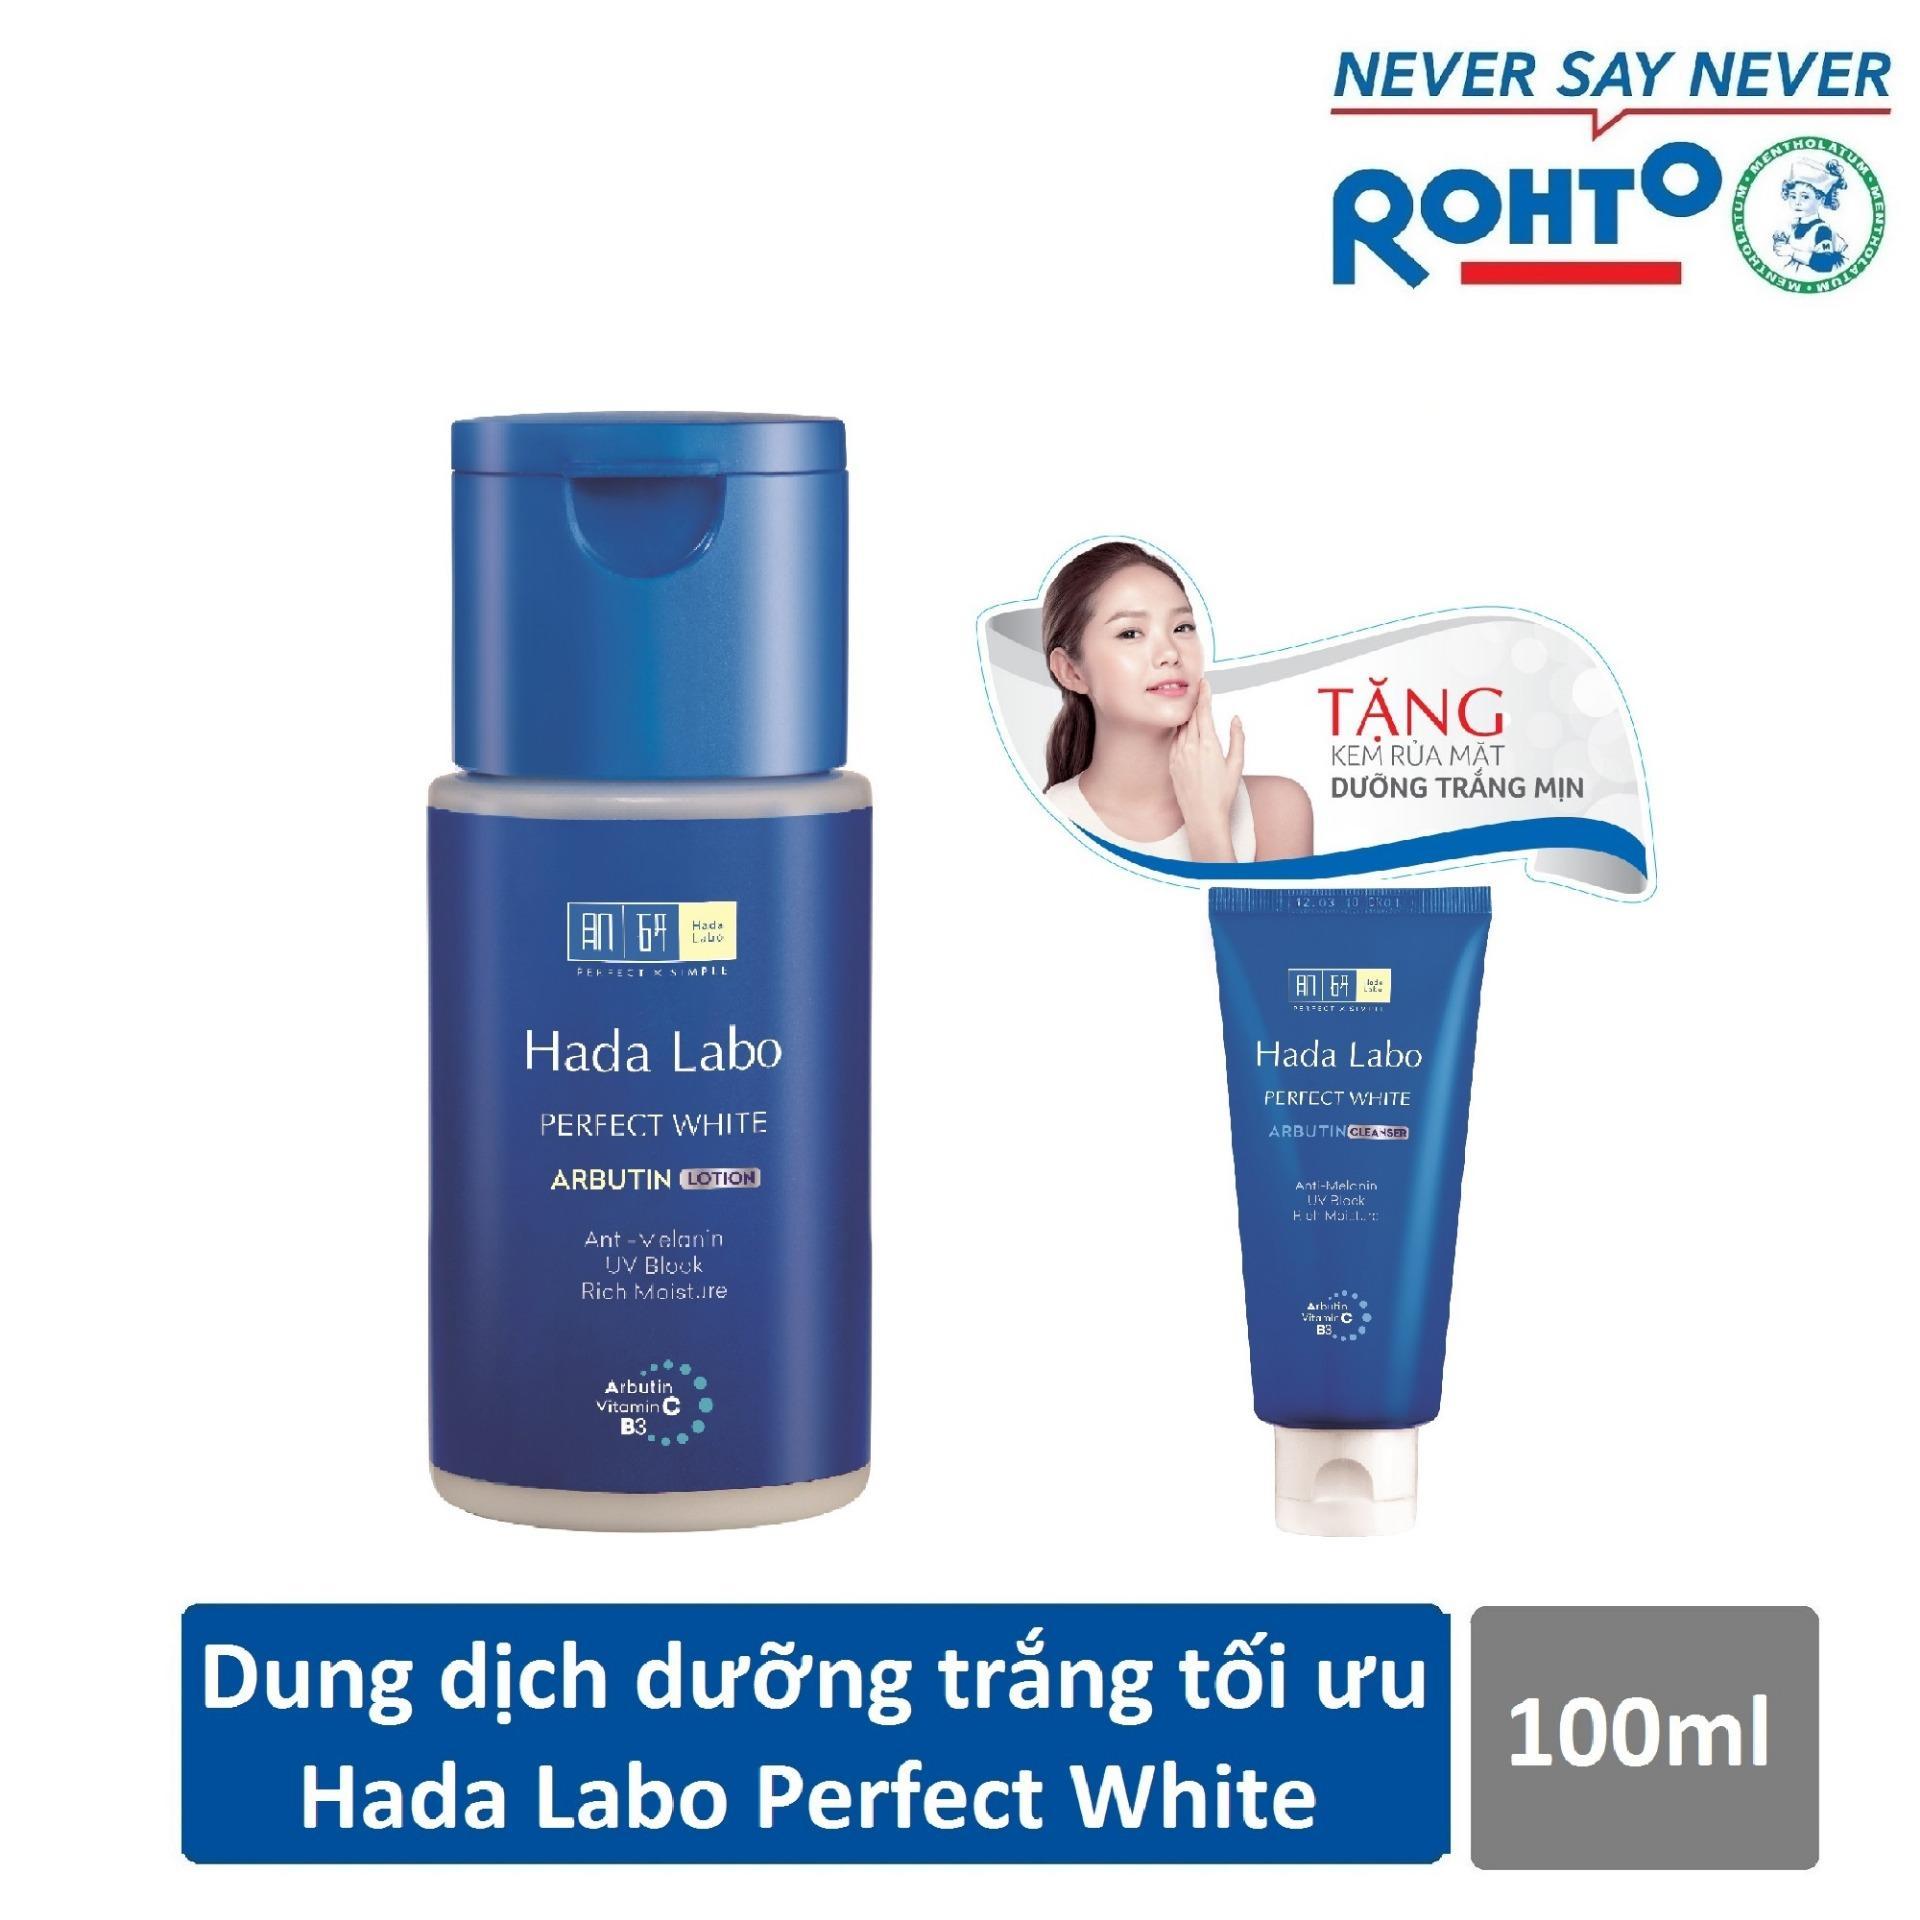 Dung dịch dưỡng trắng da tối ưu Hada Labo Perfect White Lotion 100ml + Tặng Kem rửa mặt Hada Labo 25g